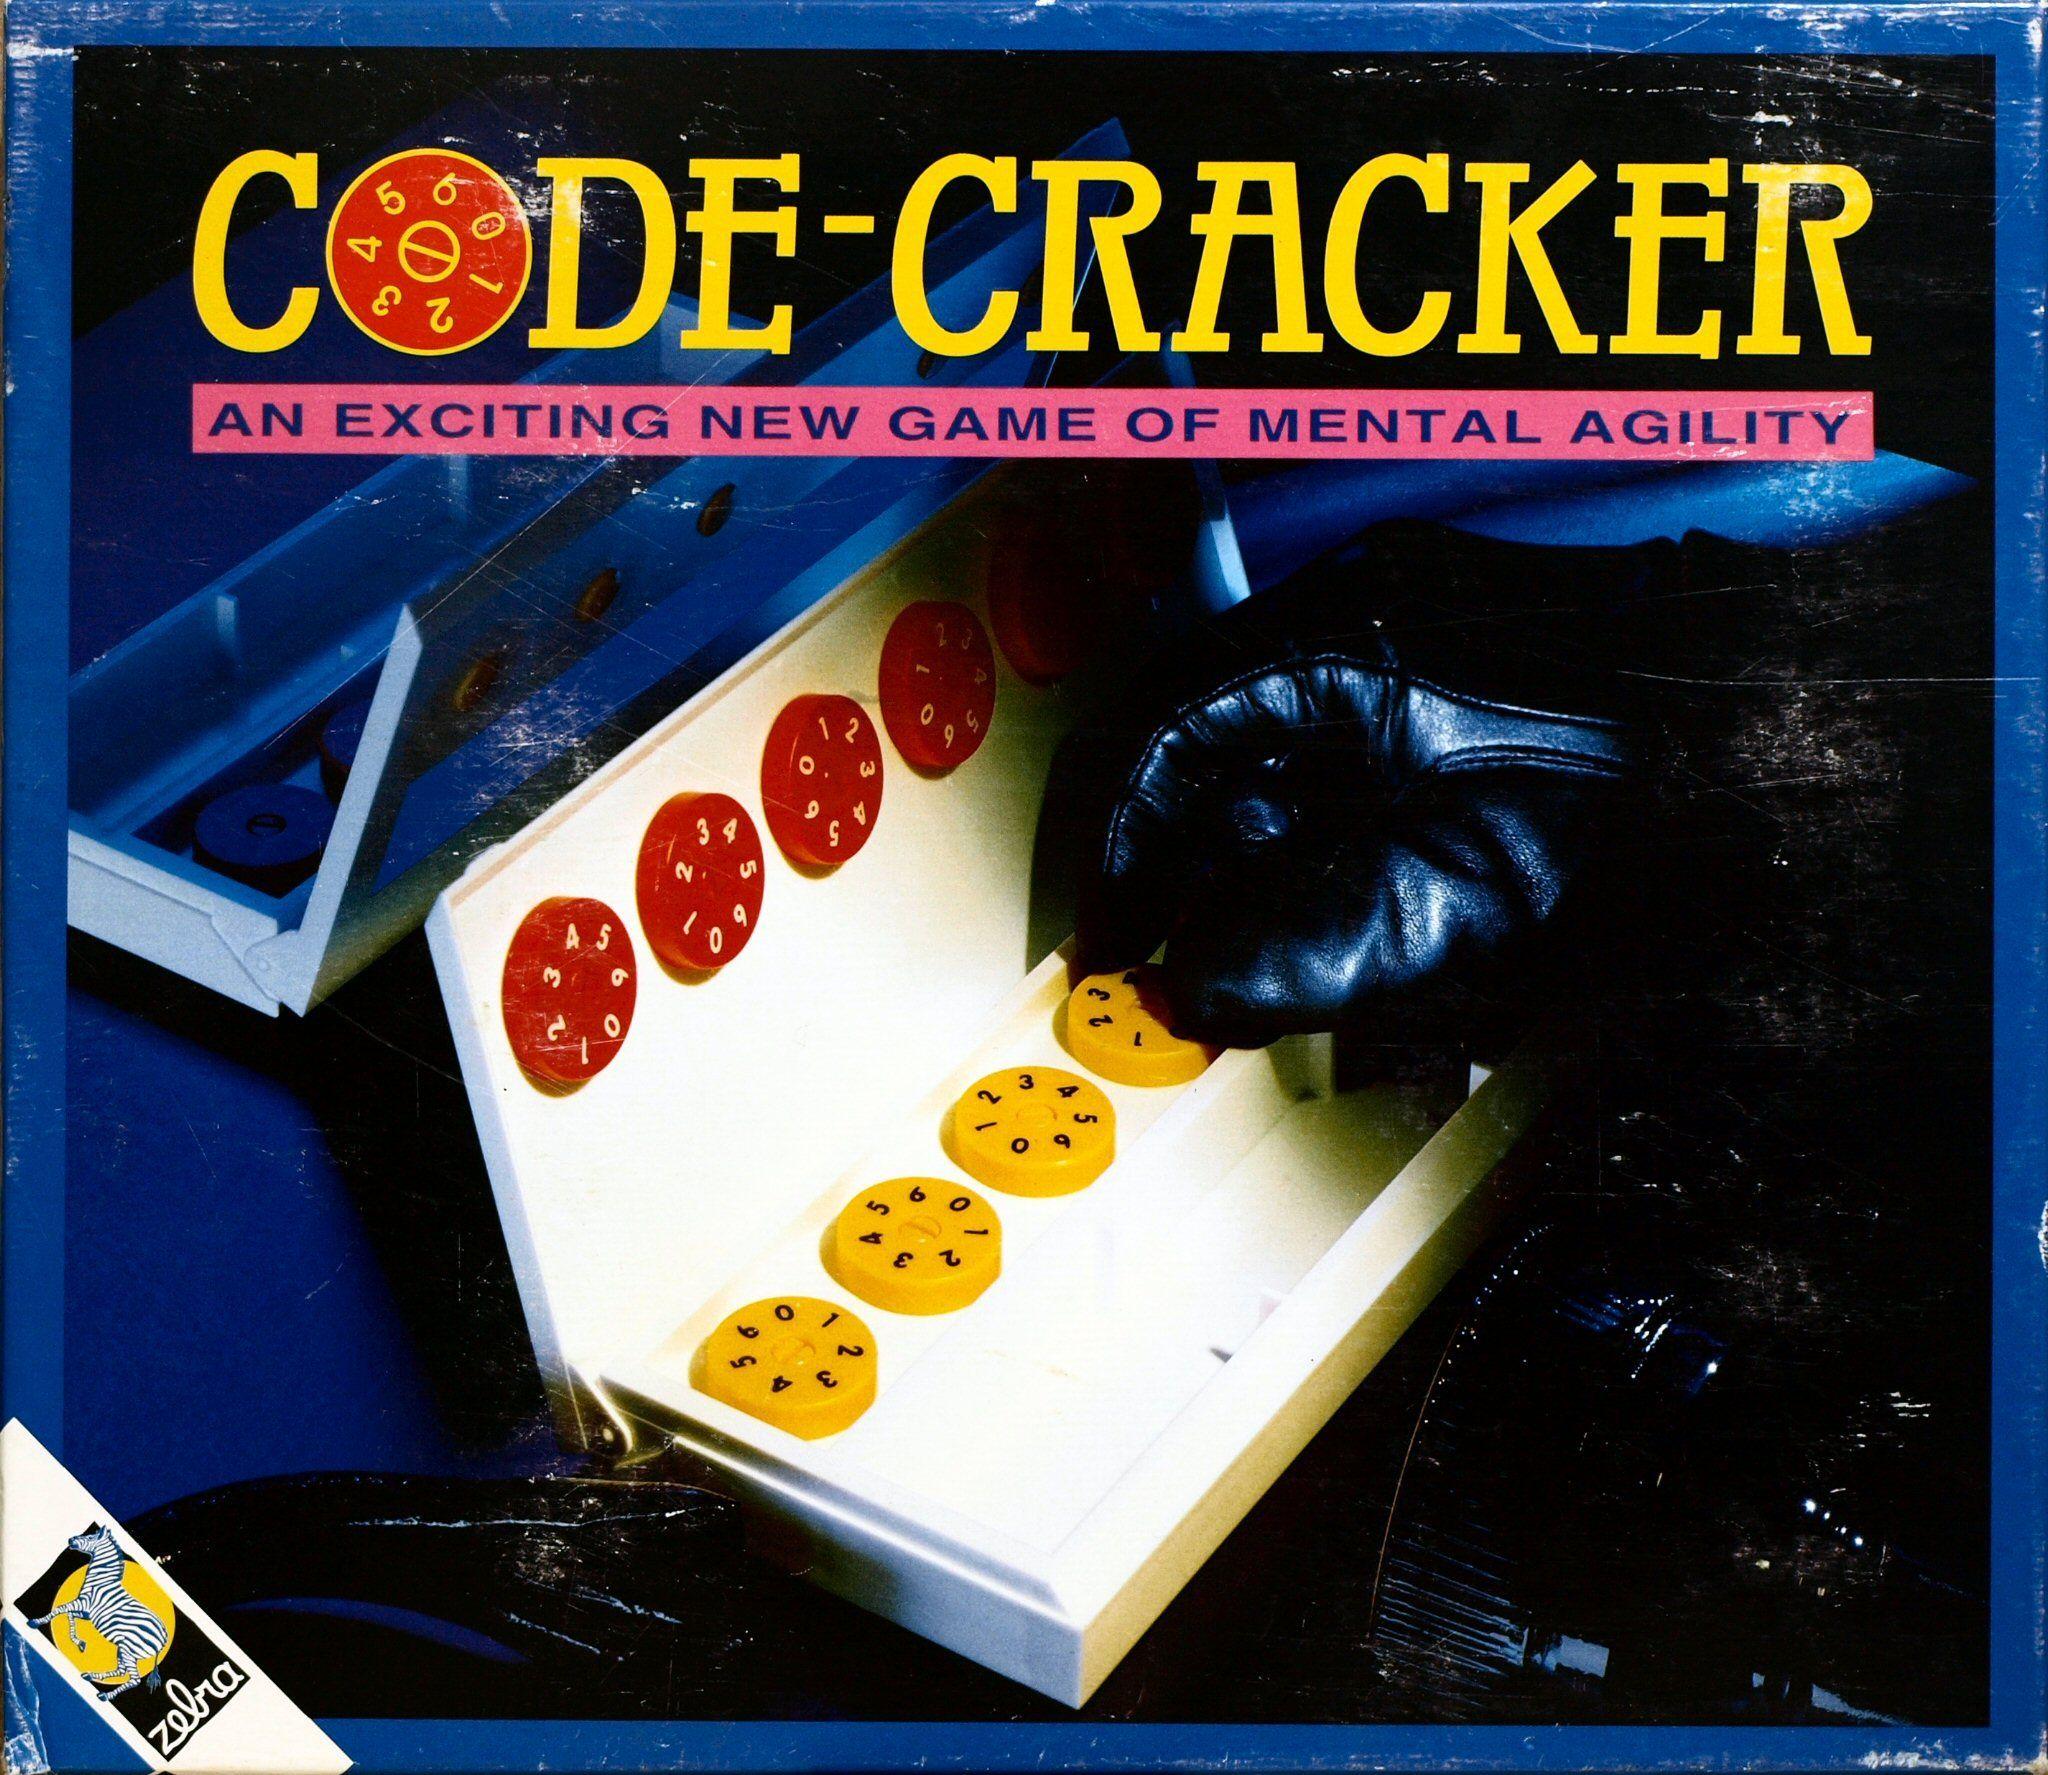 Code-Cracker